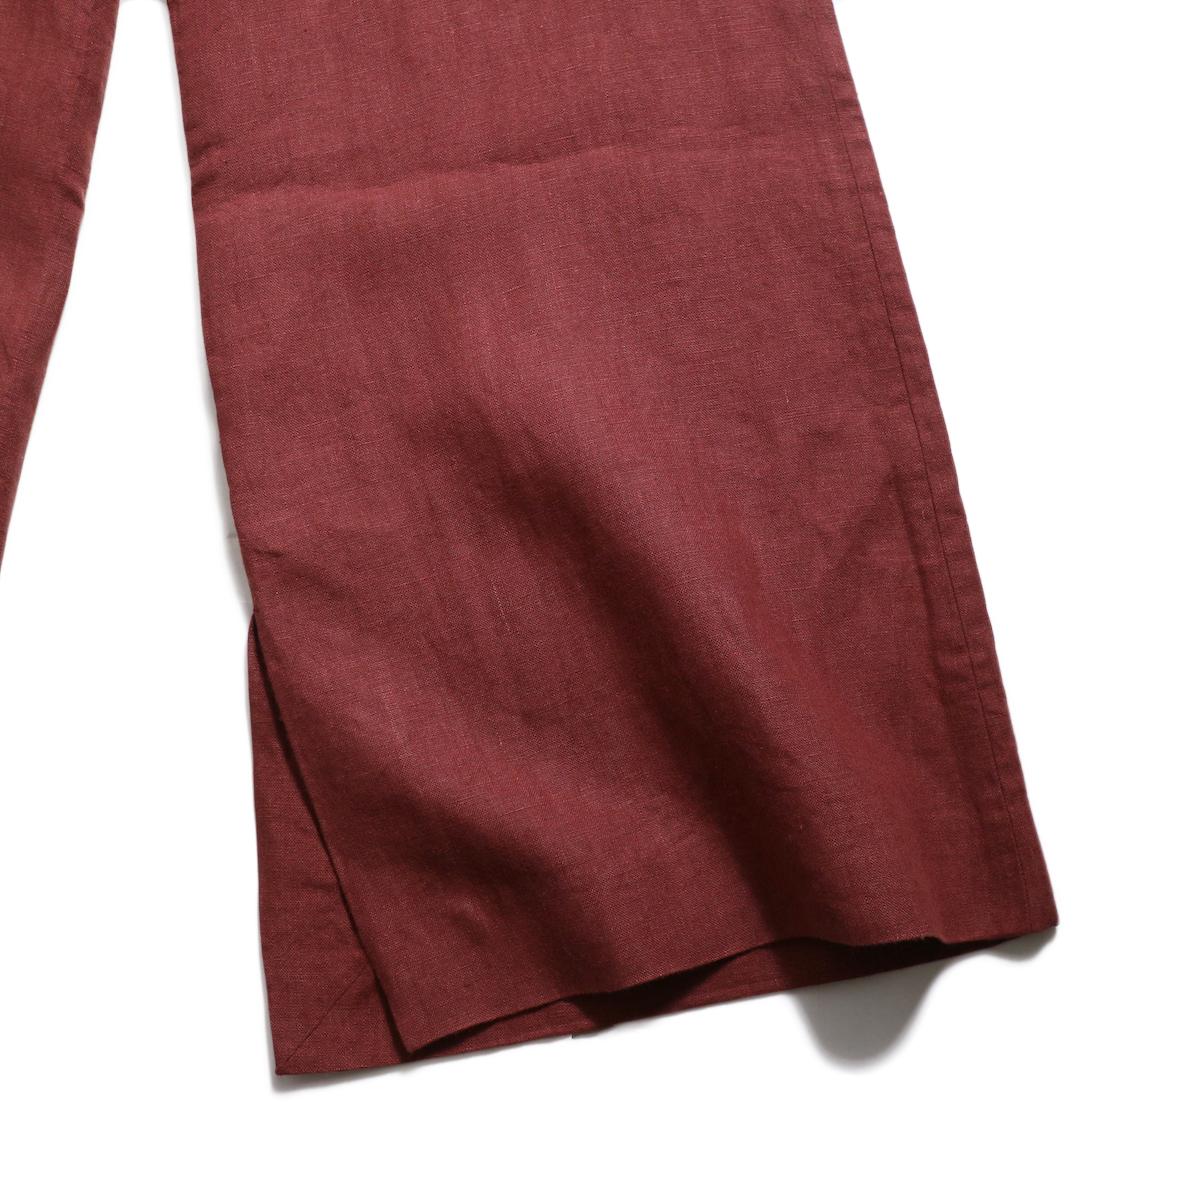 BLUEBIRD BOULEVARD / ウォッシュドリネンワイドパンツ -Burgundy 裾